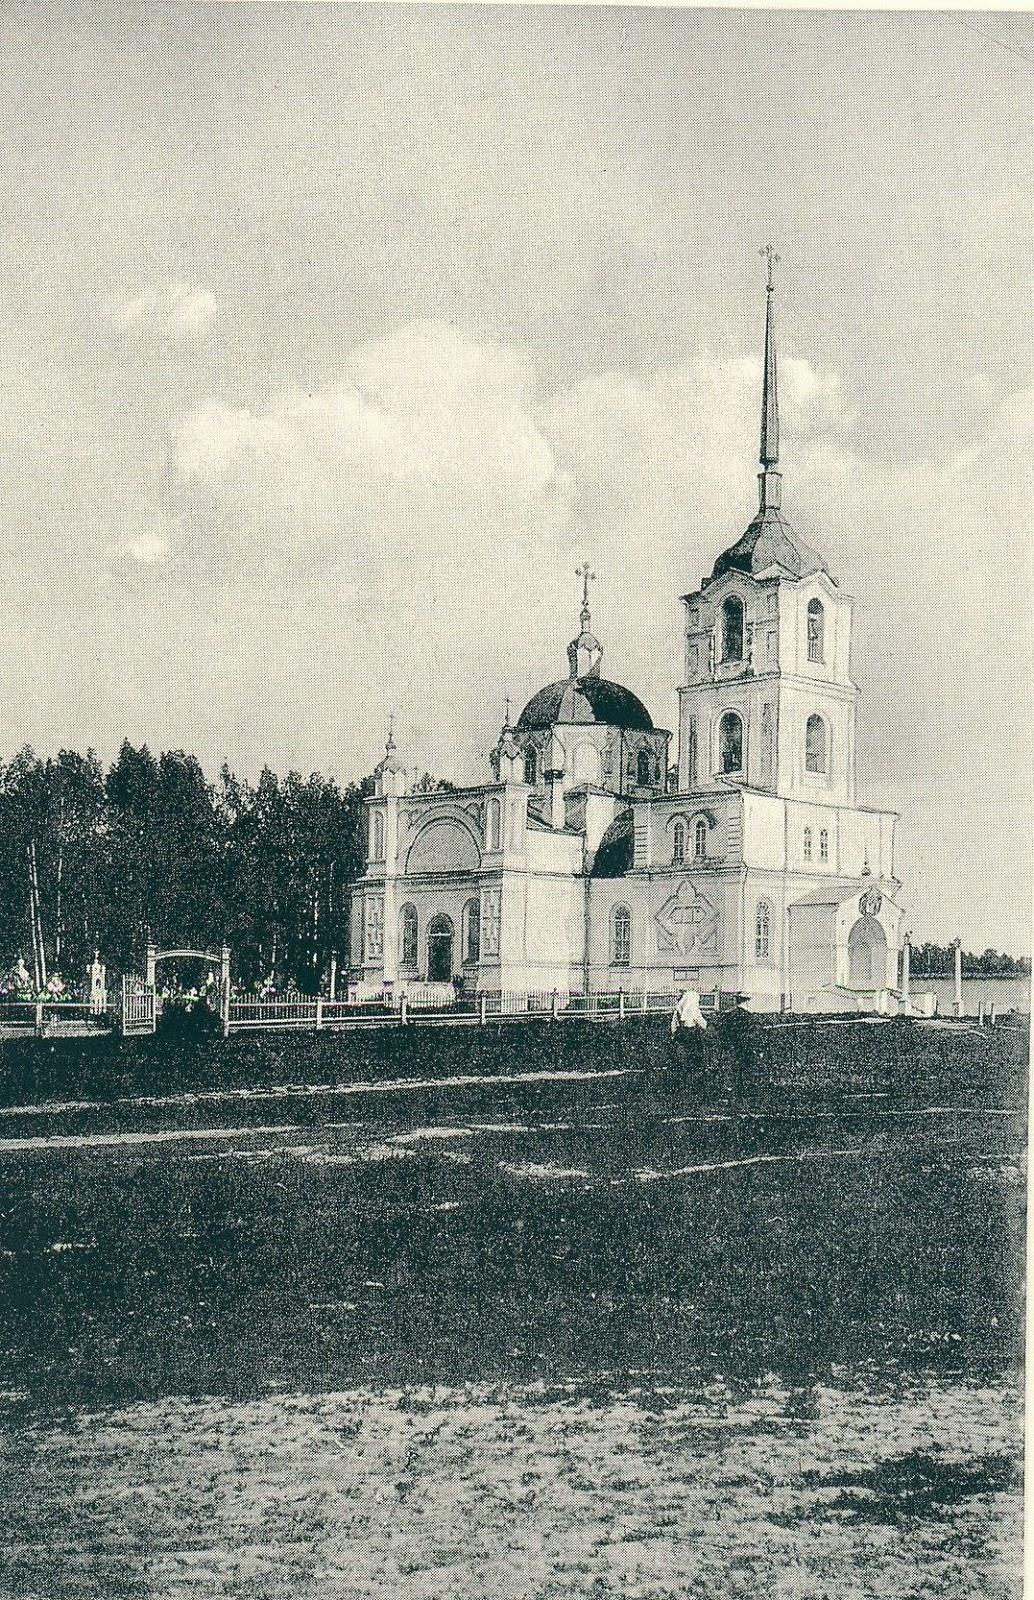 Успенская церковь Иоанно-Предтеченского женского монастыря